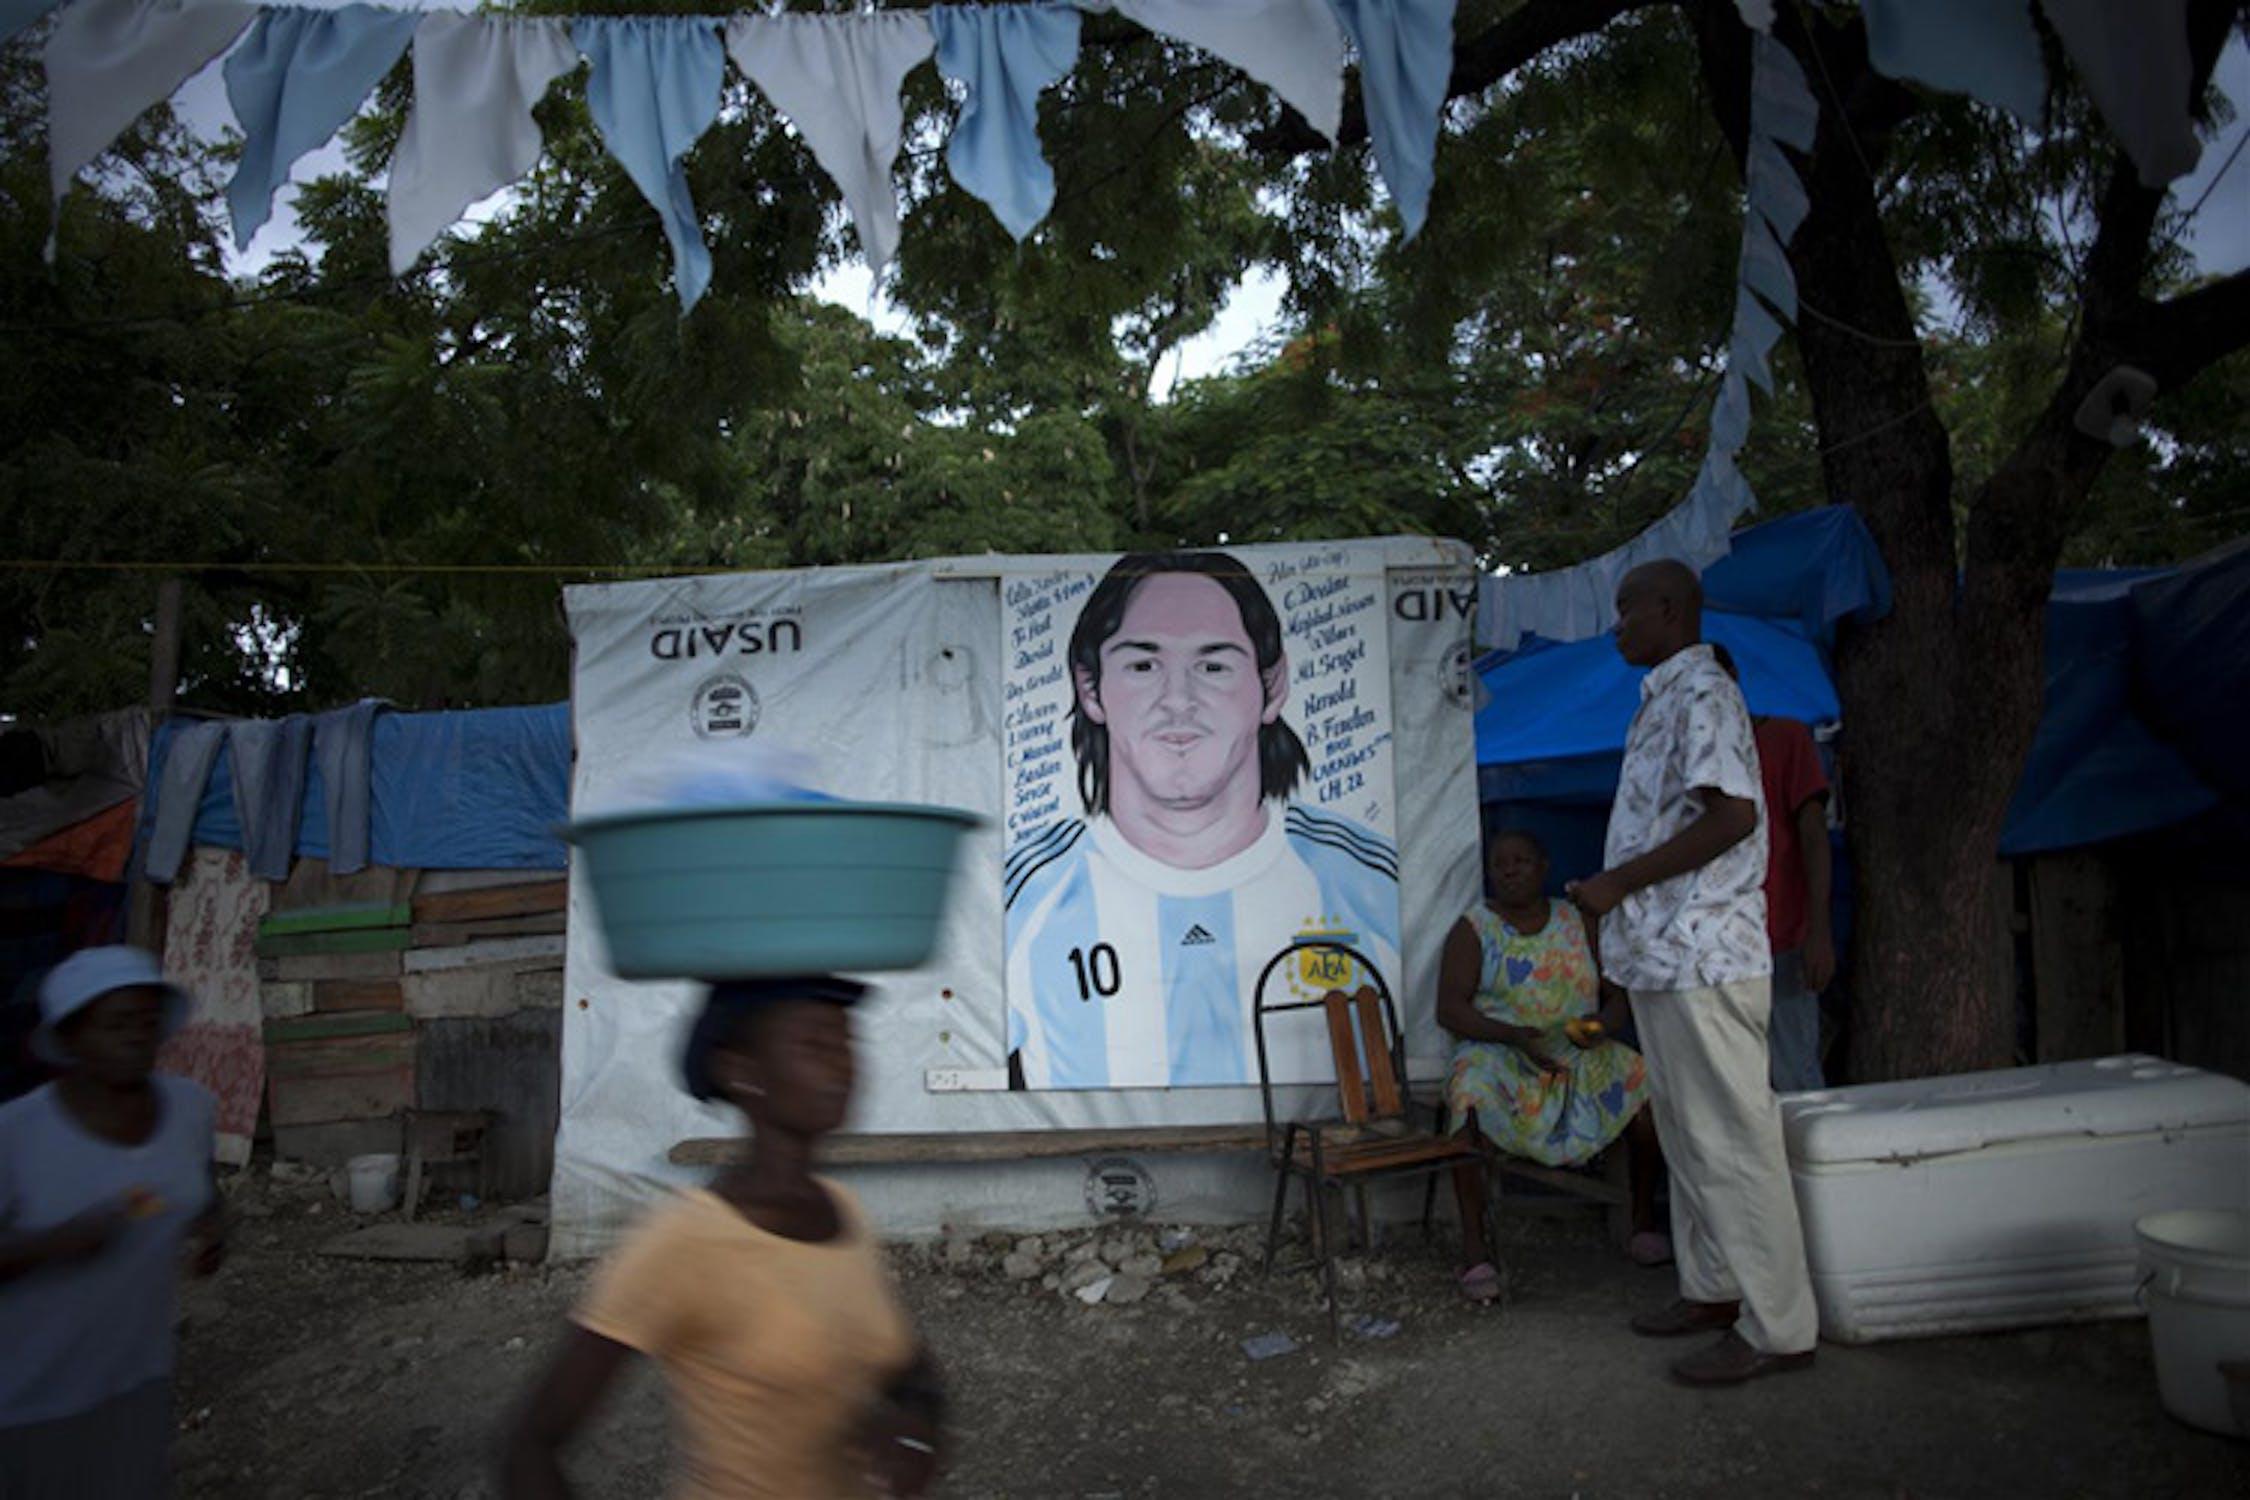 Un ritratto di Messi con la maglia argentina decora questa tenda in uno dei quasi mille accampamenti spontanei a Port-au-Prince, capitale di Haiti - ©UNICEF/NYHQ2010-1276/Ramoneda